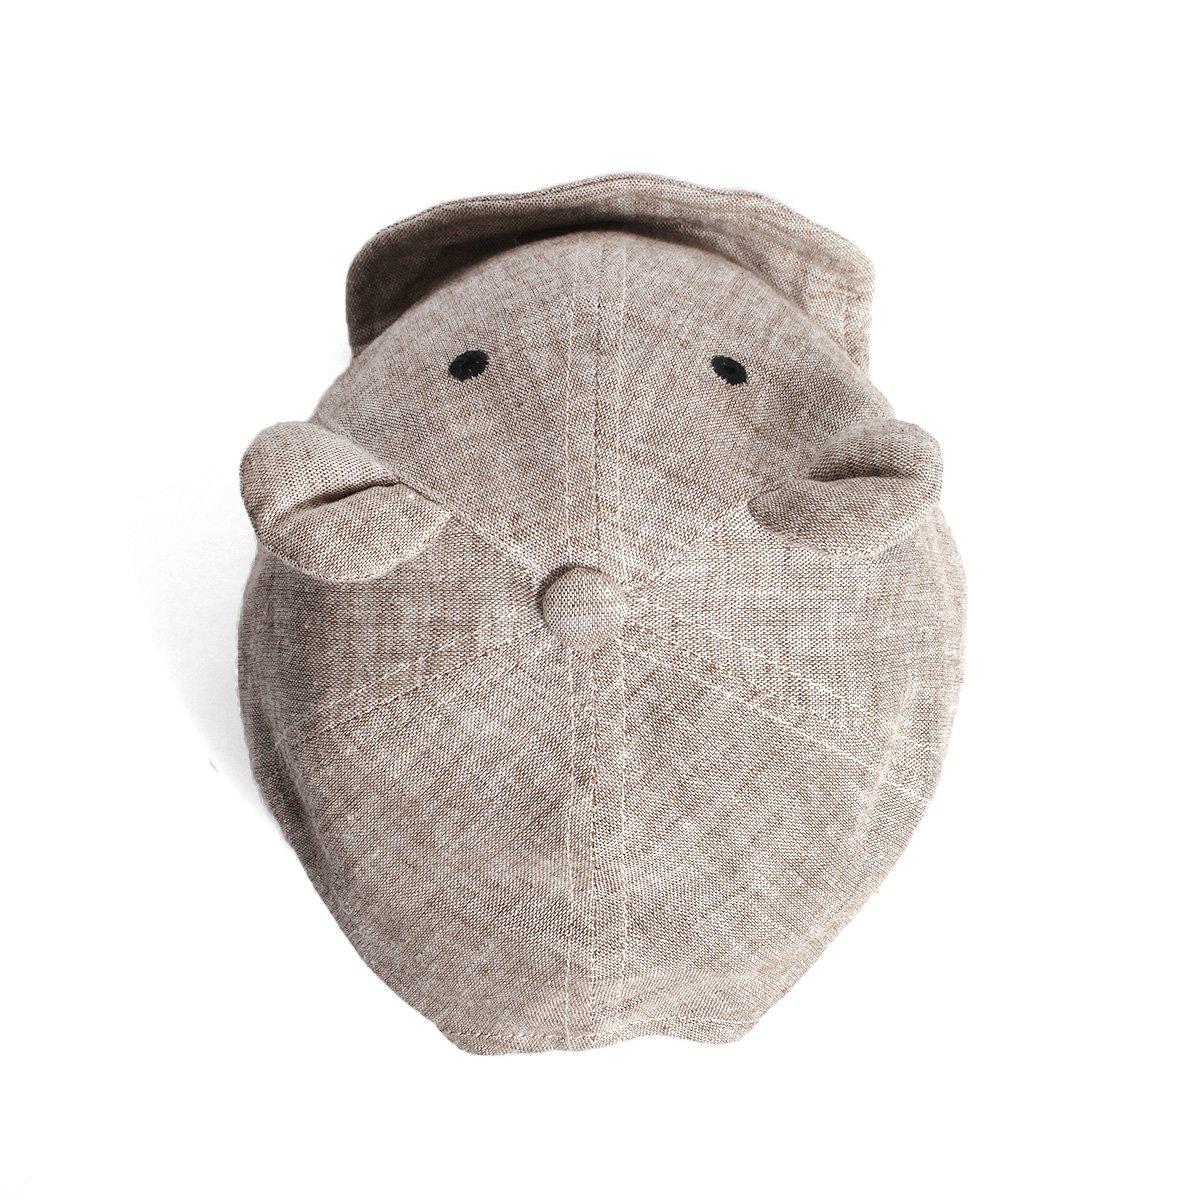 【BABY】Little Bear Cap 詳細画像8